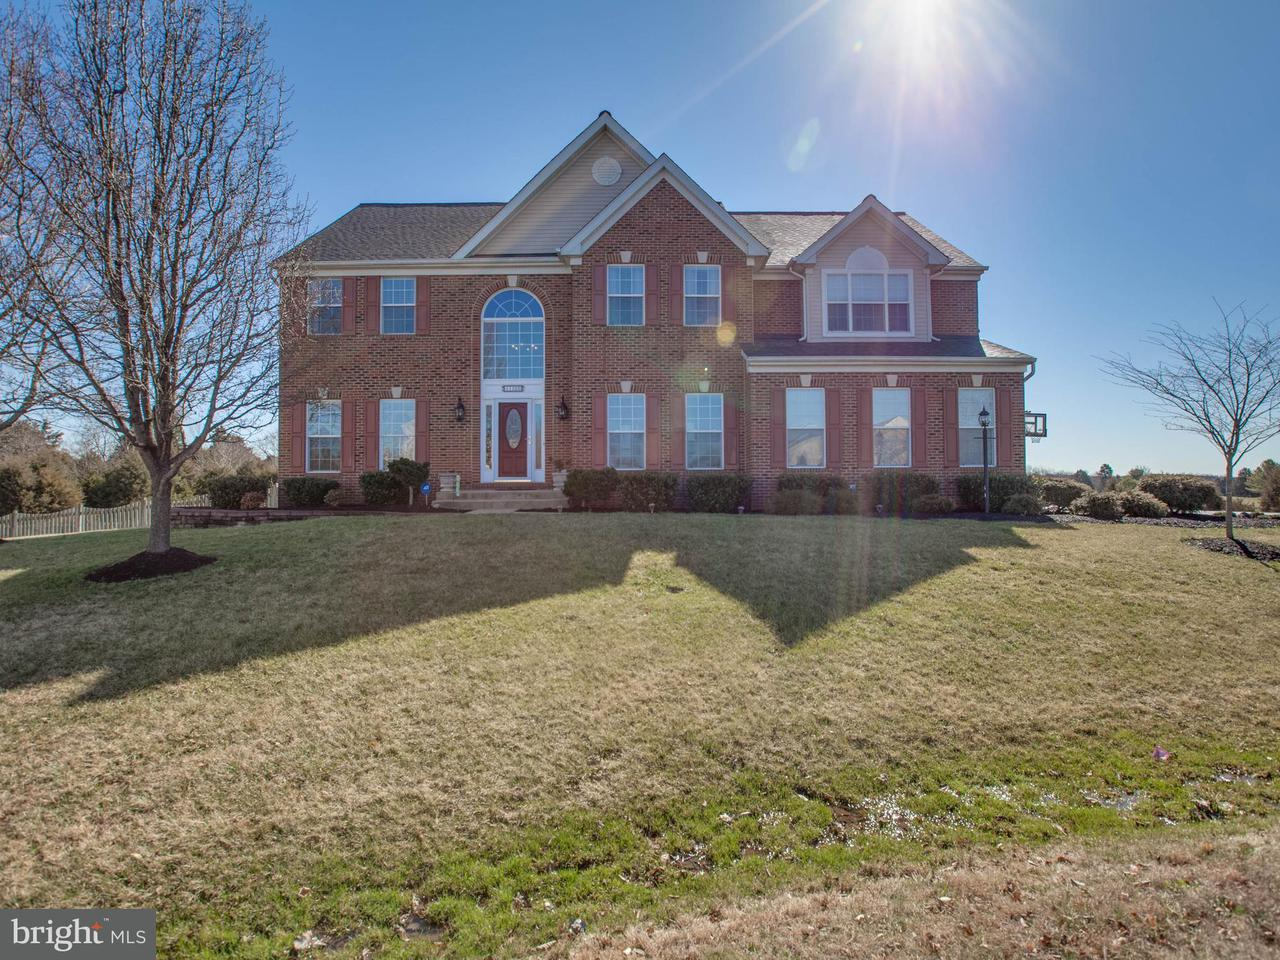 Частный односемейный дом для того Продажа на 11100 Stainsby Court 11100 Stainsby Court Bristow, Виргиния 20136 Соединенные Штаты